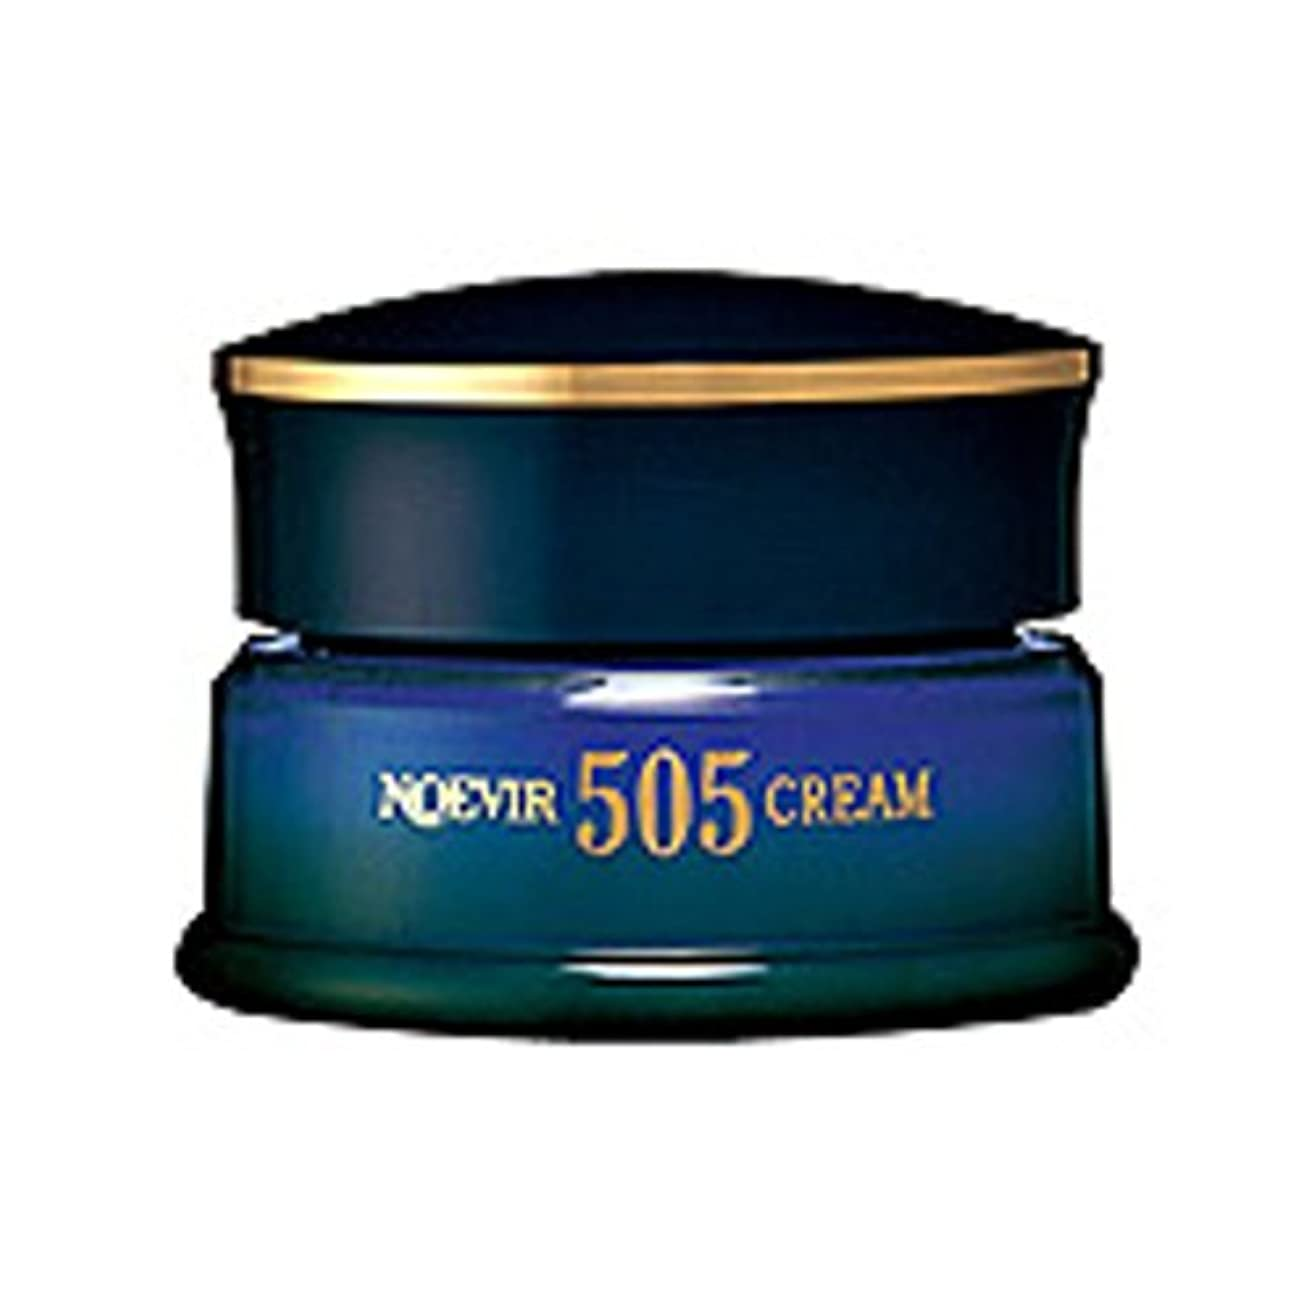 ノエビア 505 薬用クリーム 30g